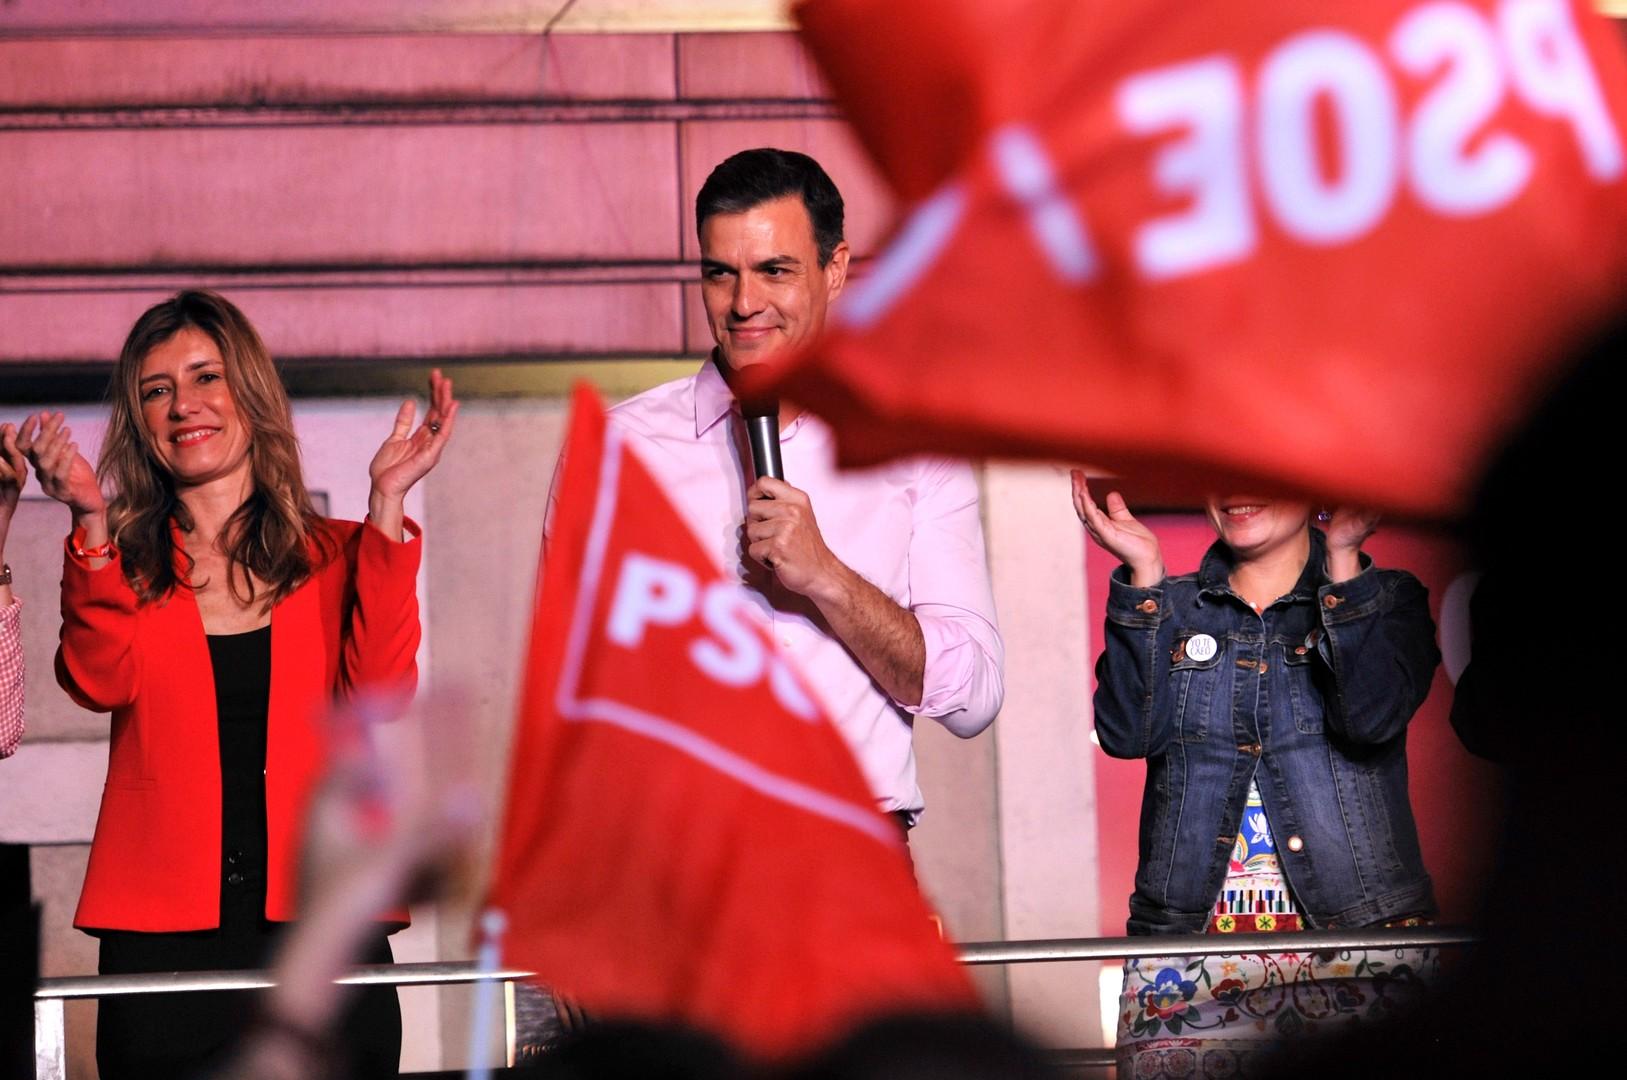 حزب العمال الاشتراكي (PSOE)